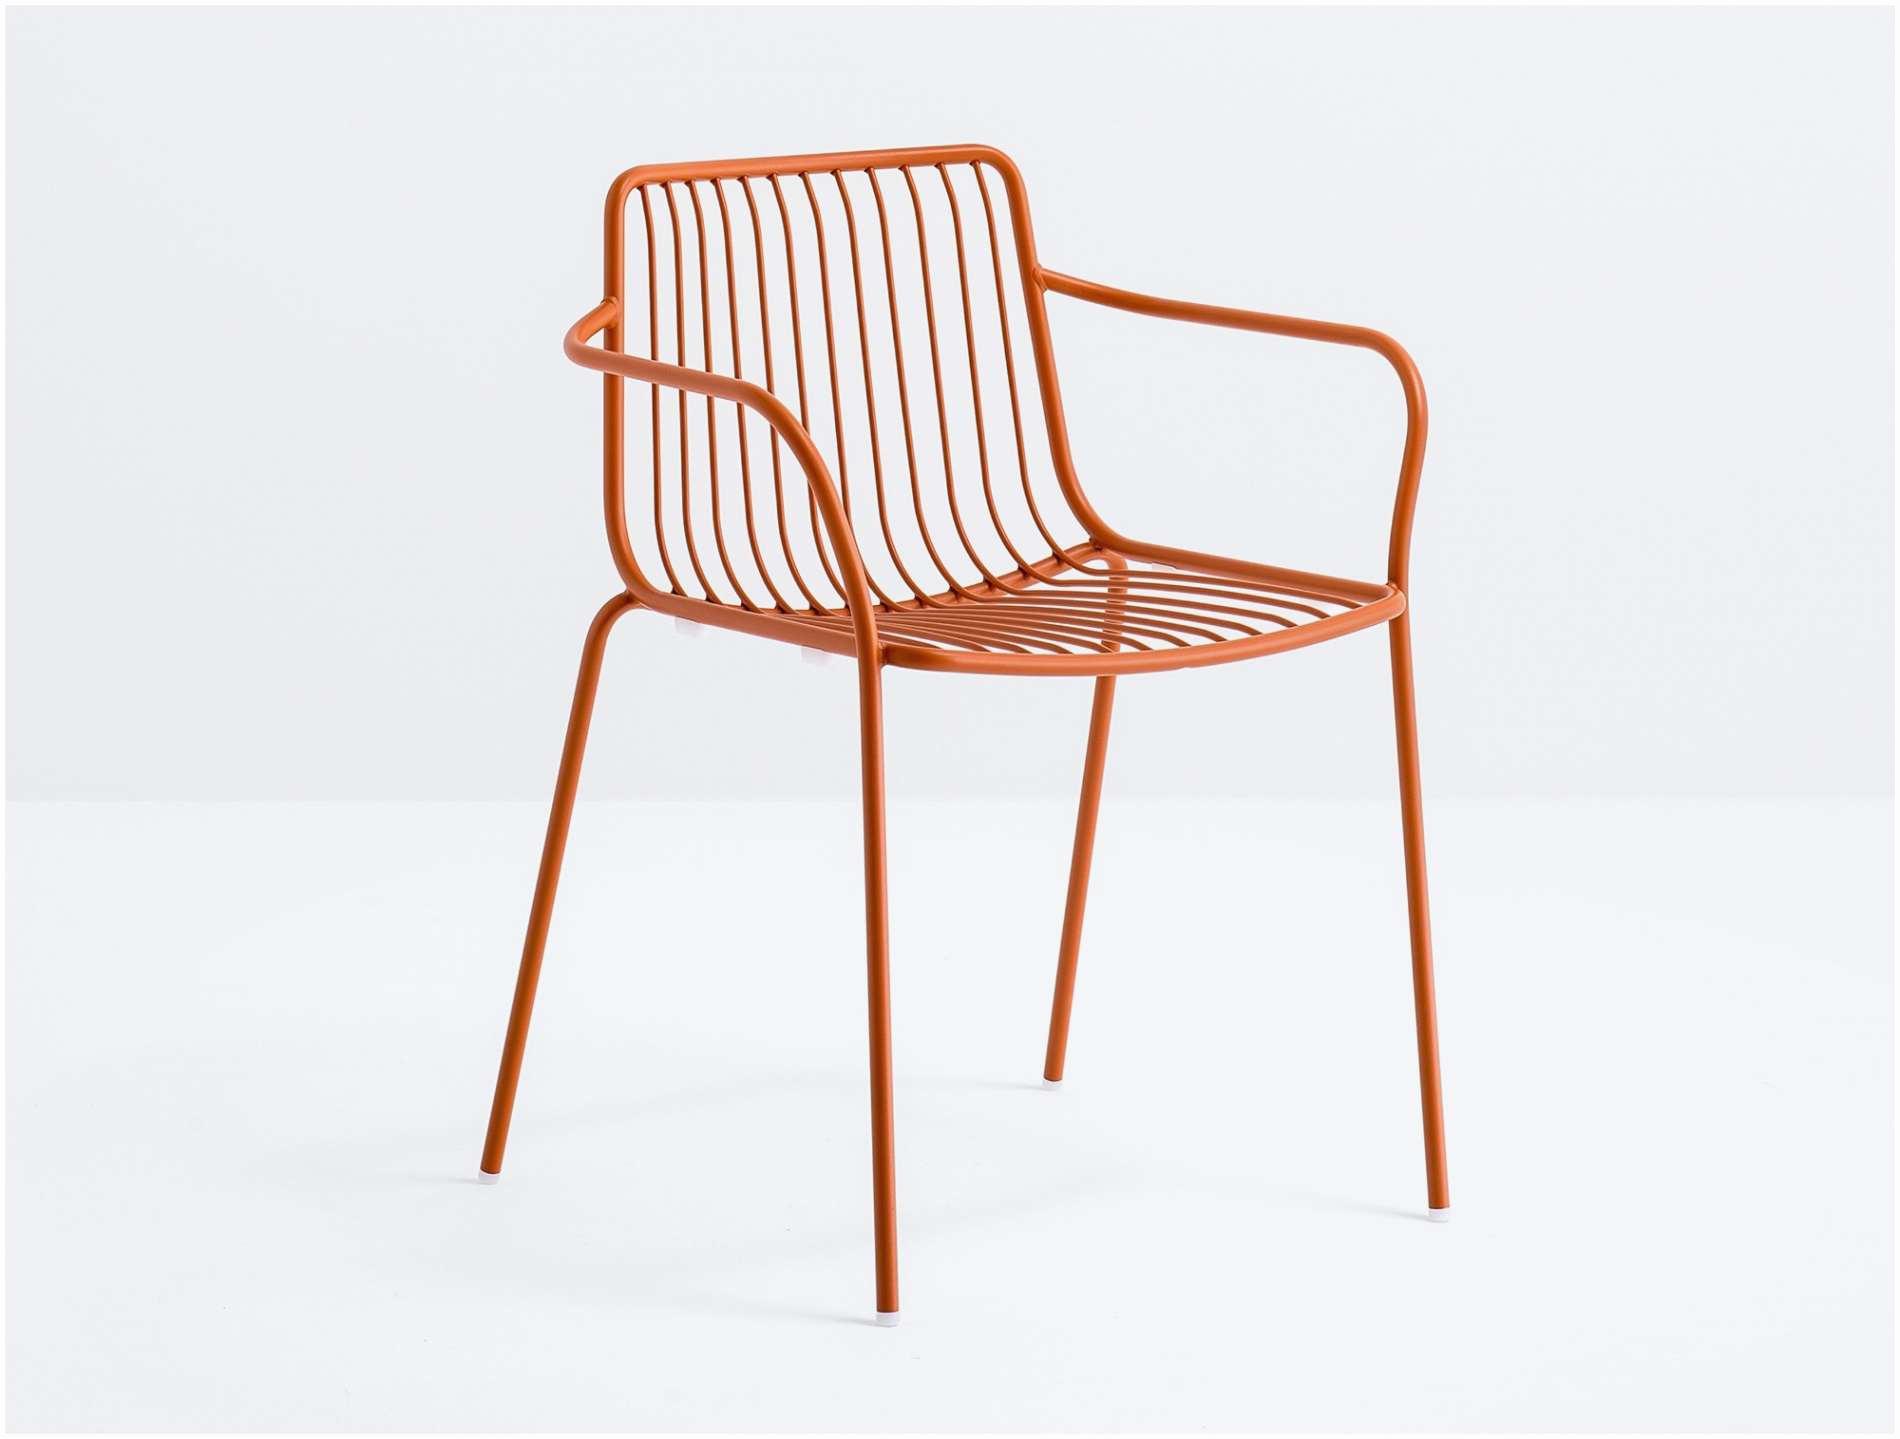 chaise haute bar pas cher unique luxe chaise pliante en bois chaise pliante lafuma chaise pedrali 0d of chaise haute bar pas cher